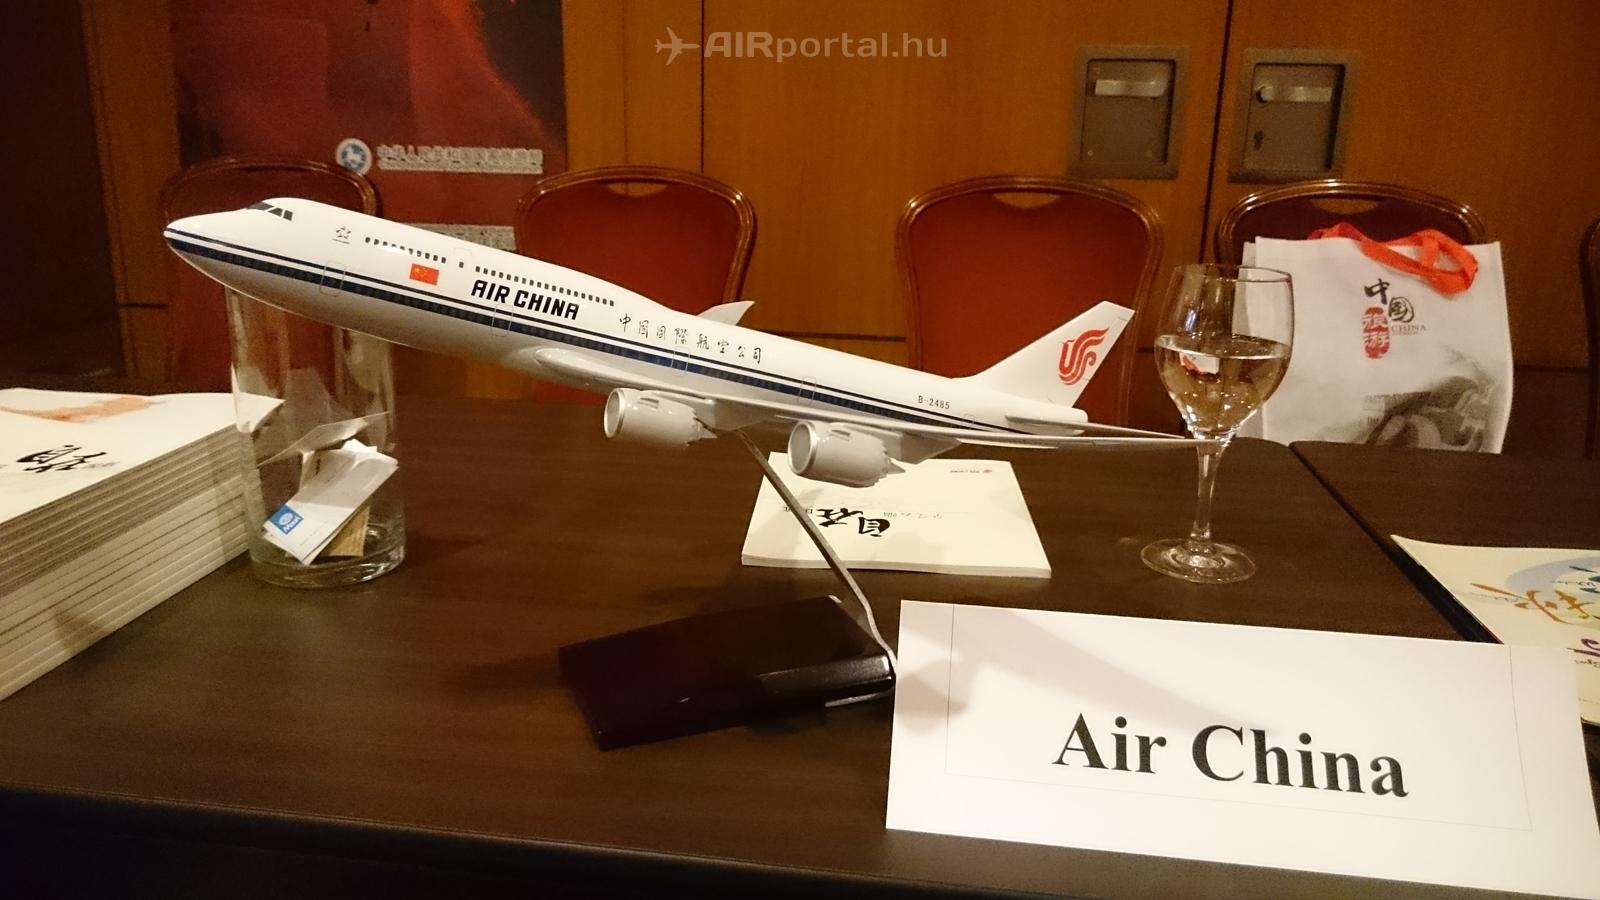 Az Air China kiállított Boeing 747-8 Intercontinental repülőgépmodellje. (Mobil fotó: Csemniczky Kristóf - AIRportal.hu) | © AIRportal.hu